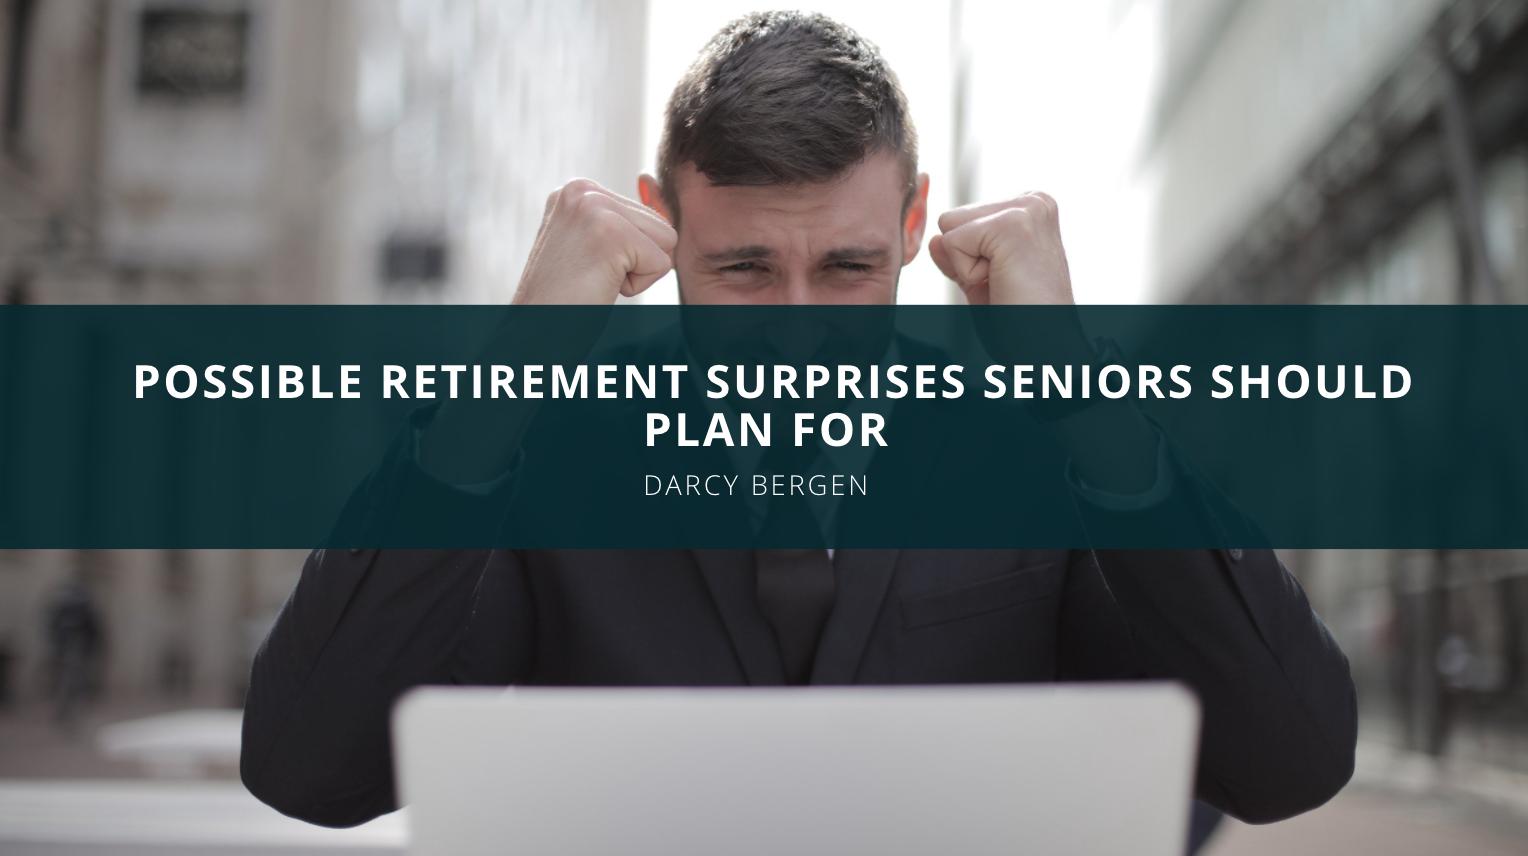 Financial Advisor Darcy Bergen Discusses Possible Retirement Surprises Seniors Should Plan For